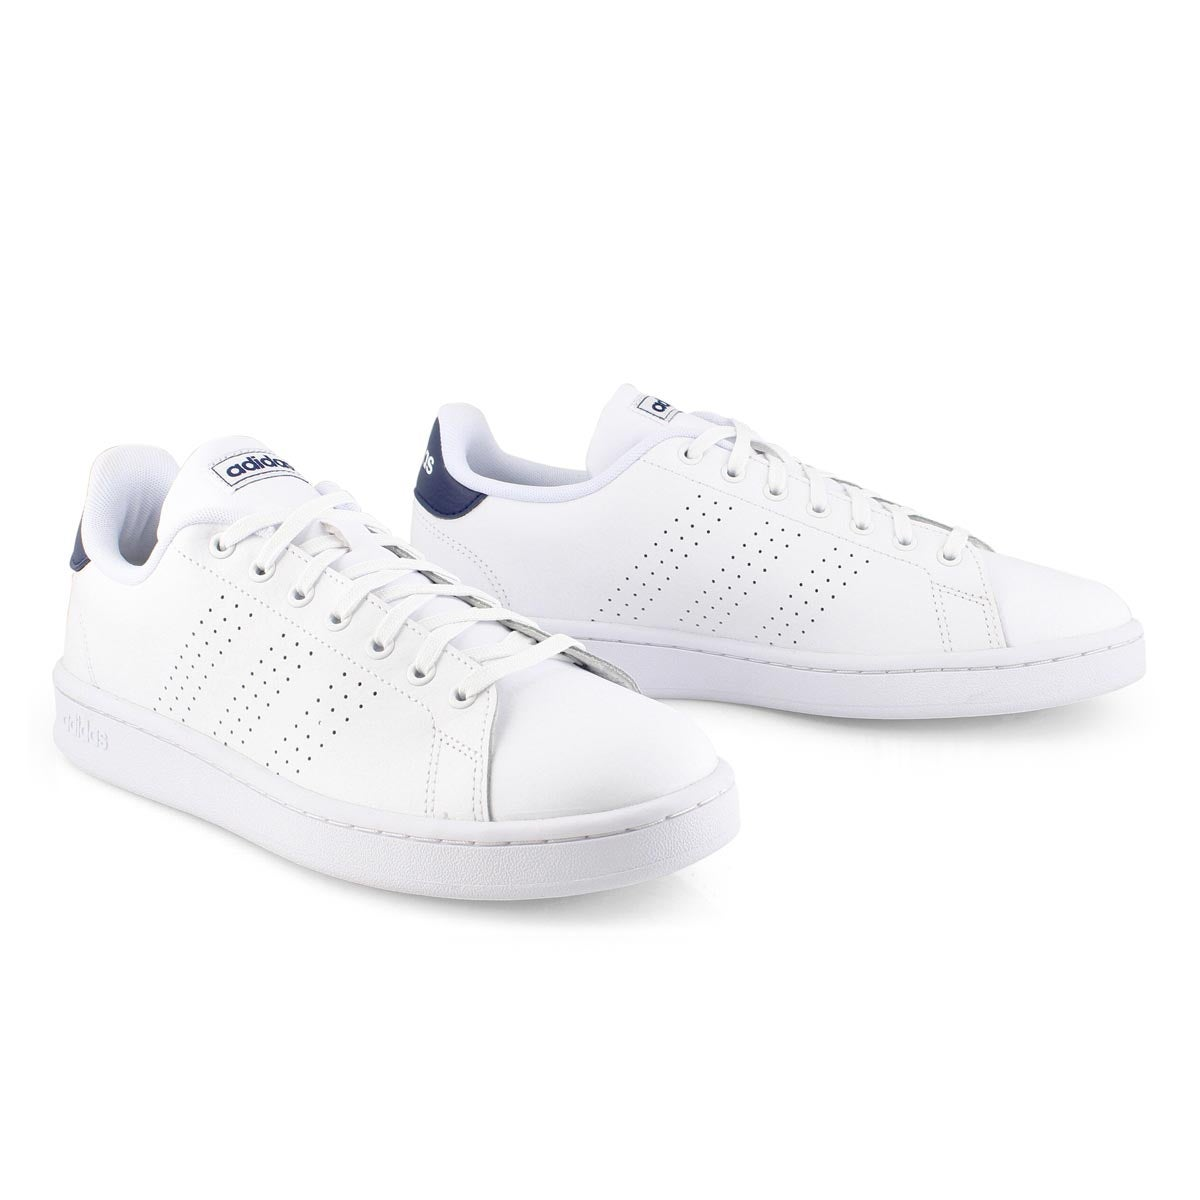 Mns Advantage wht/blu sneaker